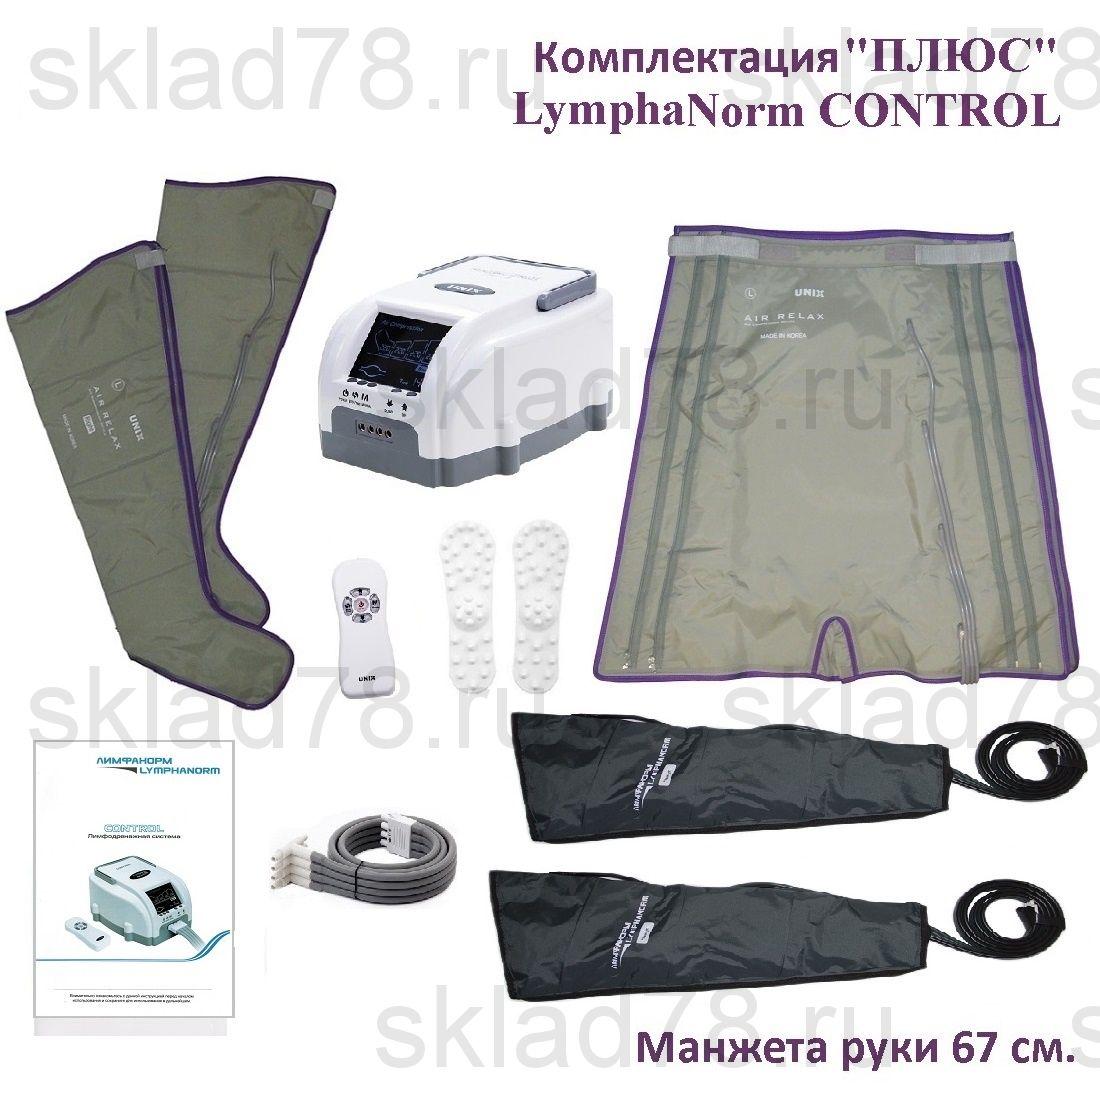 """LymphaNorm CONTROL Лимфодренаж  """"ПЛЮС"""" (руки 67 см.)"""